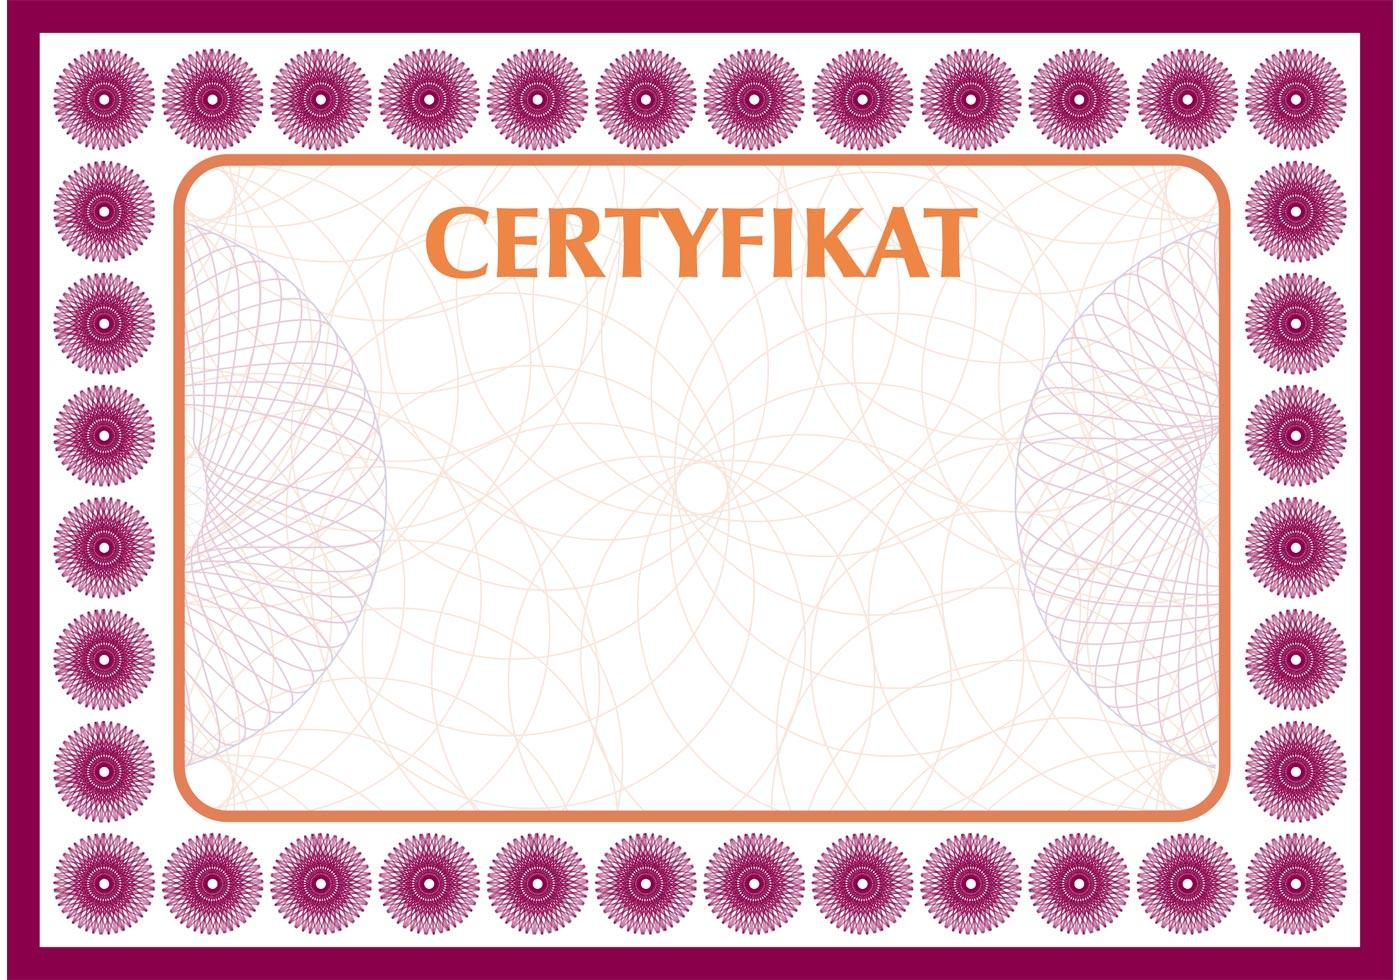 Certificate Vector Free Vector Art At Vecteezy